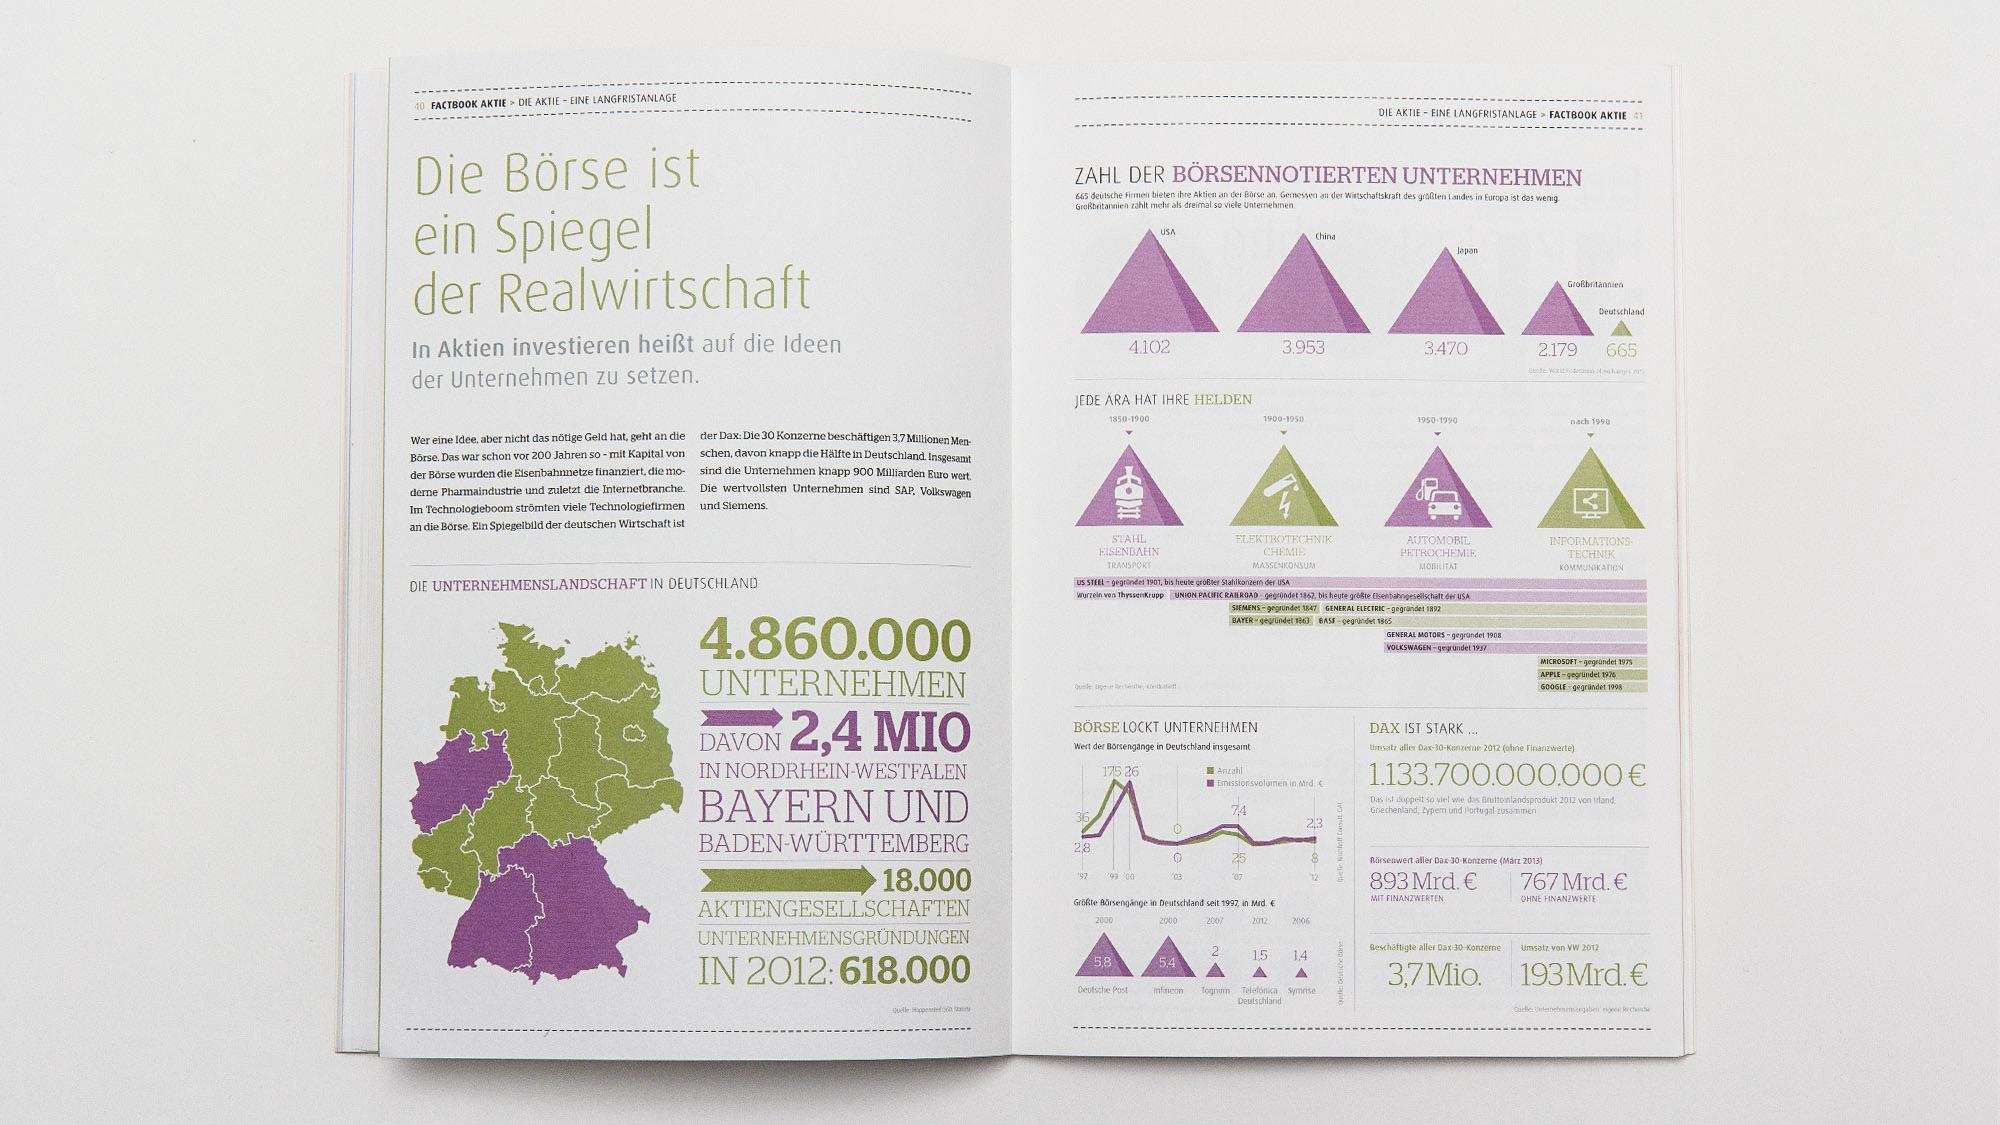 Kreative Infografiken sind eine der Spezialitäten der sons of ipanema aus Köln.